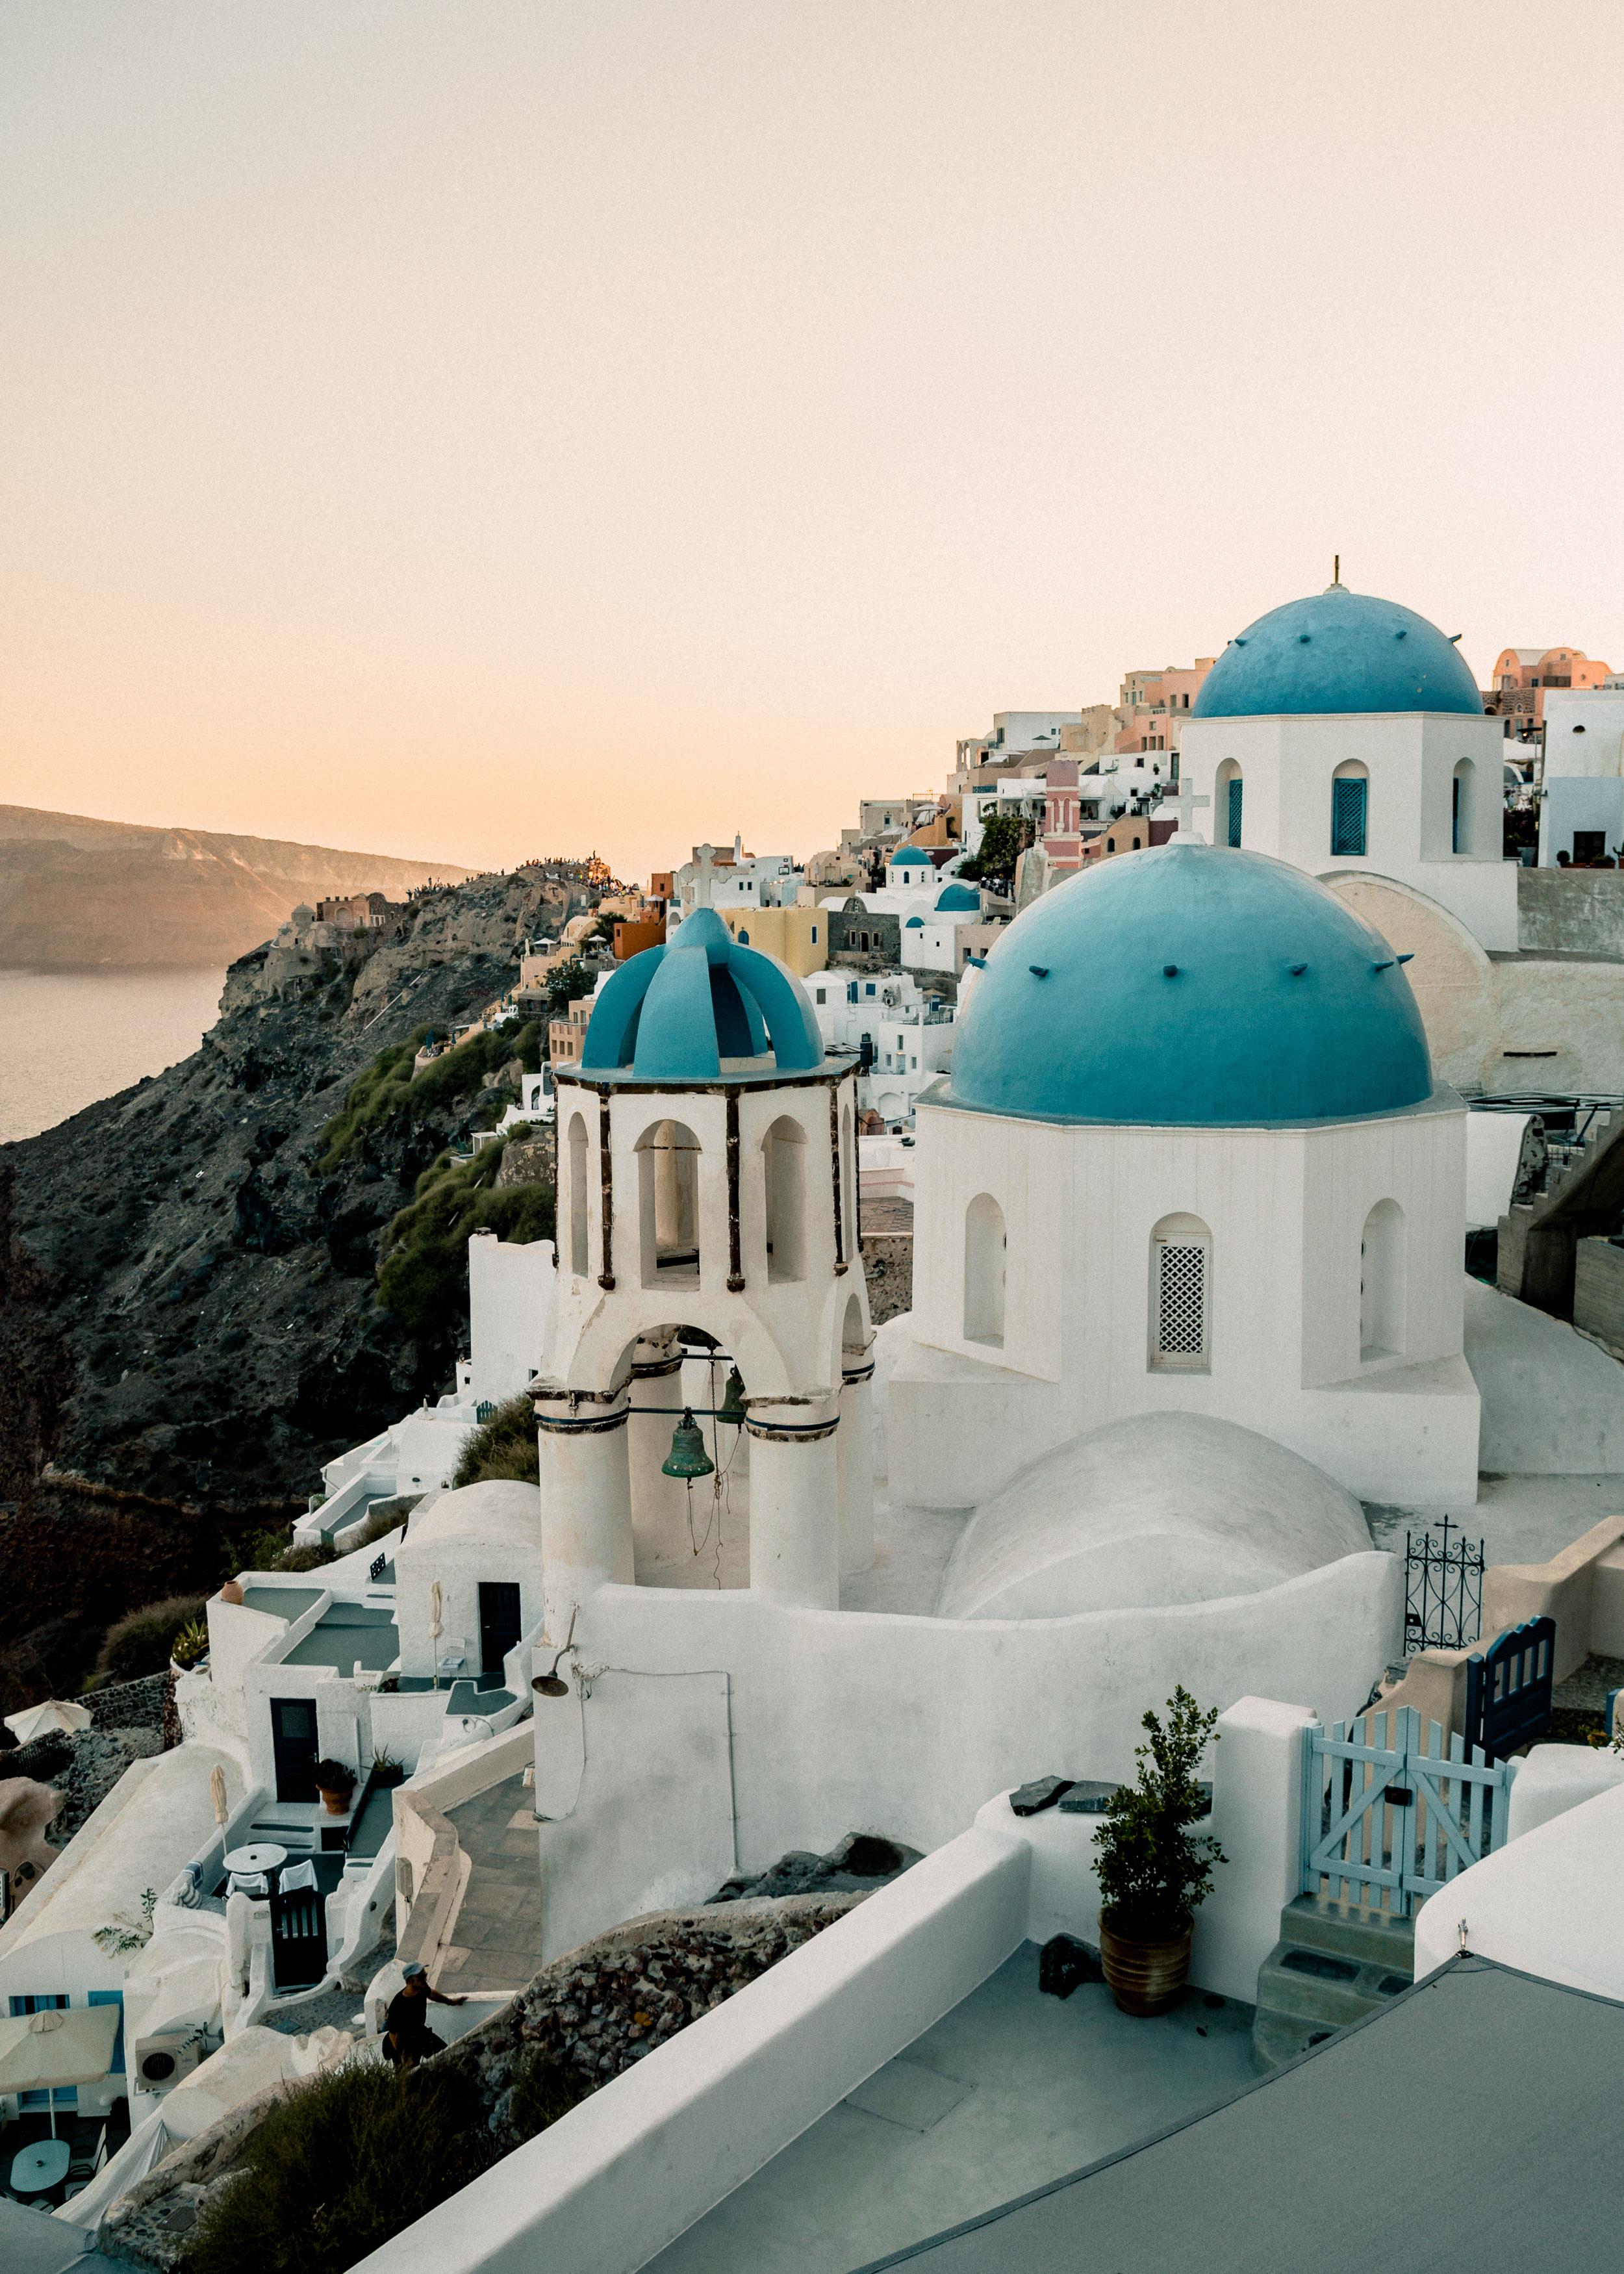 23-santorini-ia-oia-sunset-greece-cyclades-church-domes-anna-elina-lahti-photographer.jpg